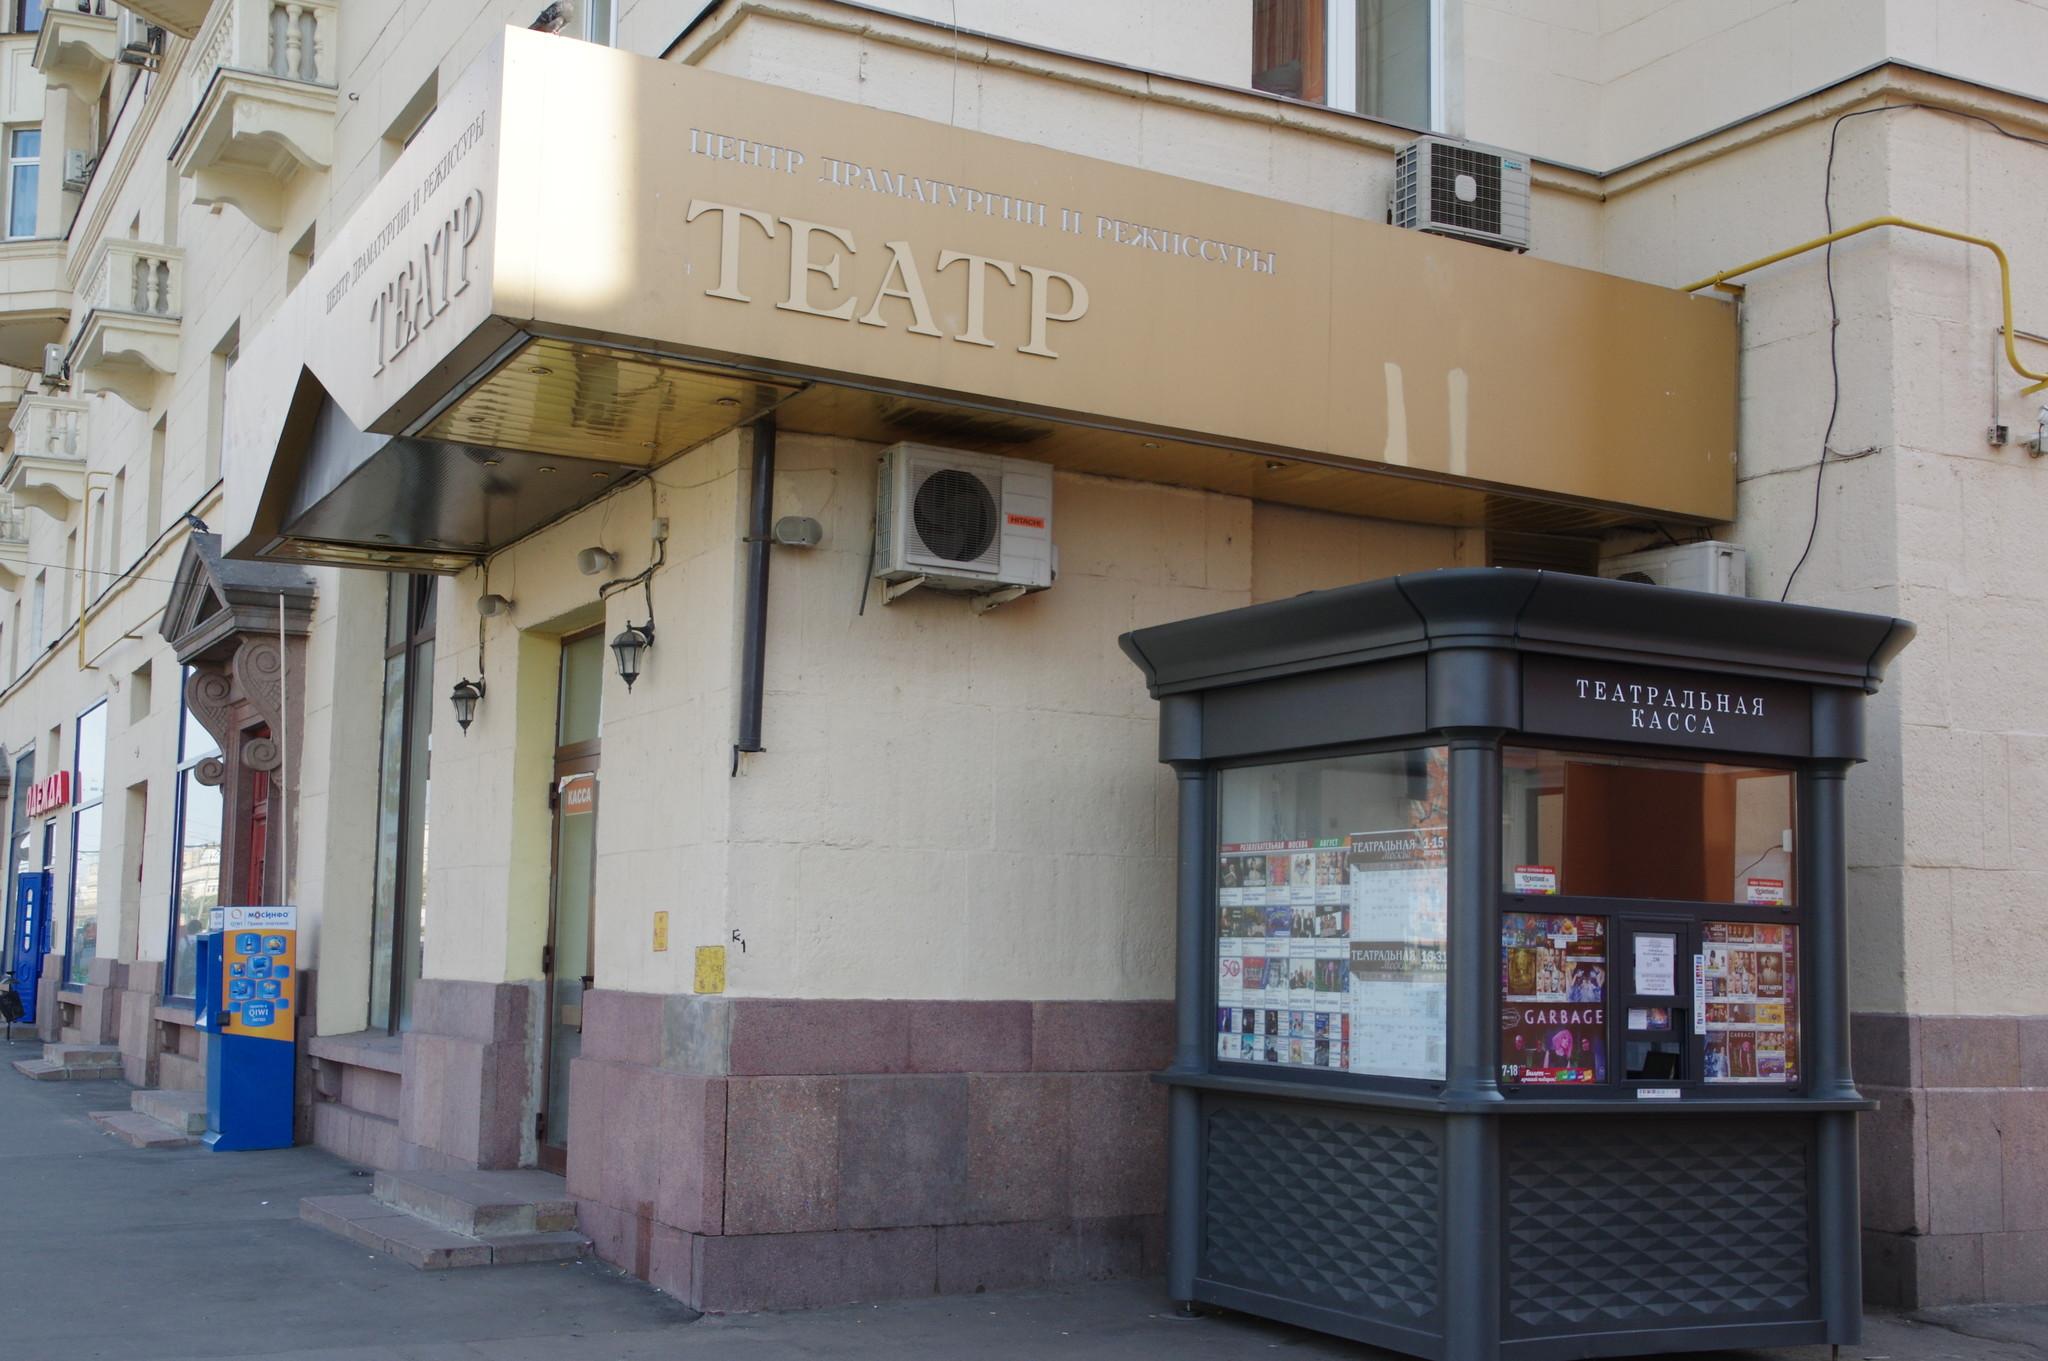 Центр драматургии и режиссуры (Ленинградский проспект, дом 71Г)